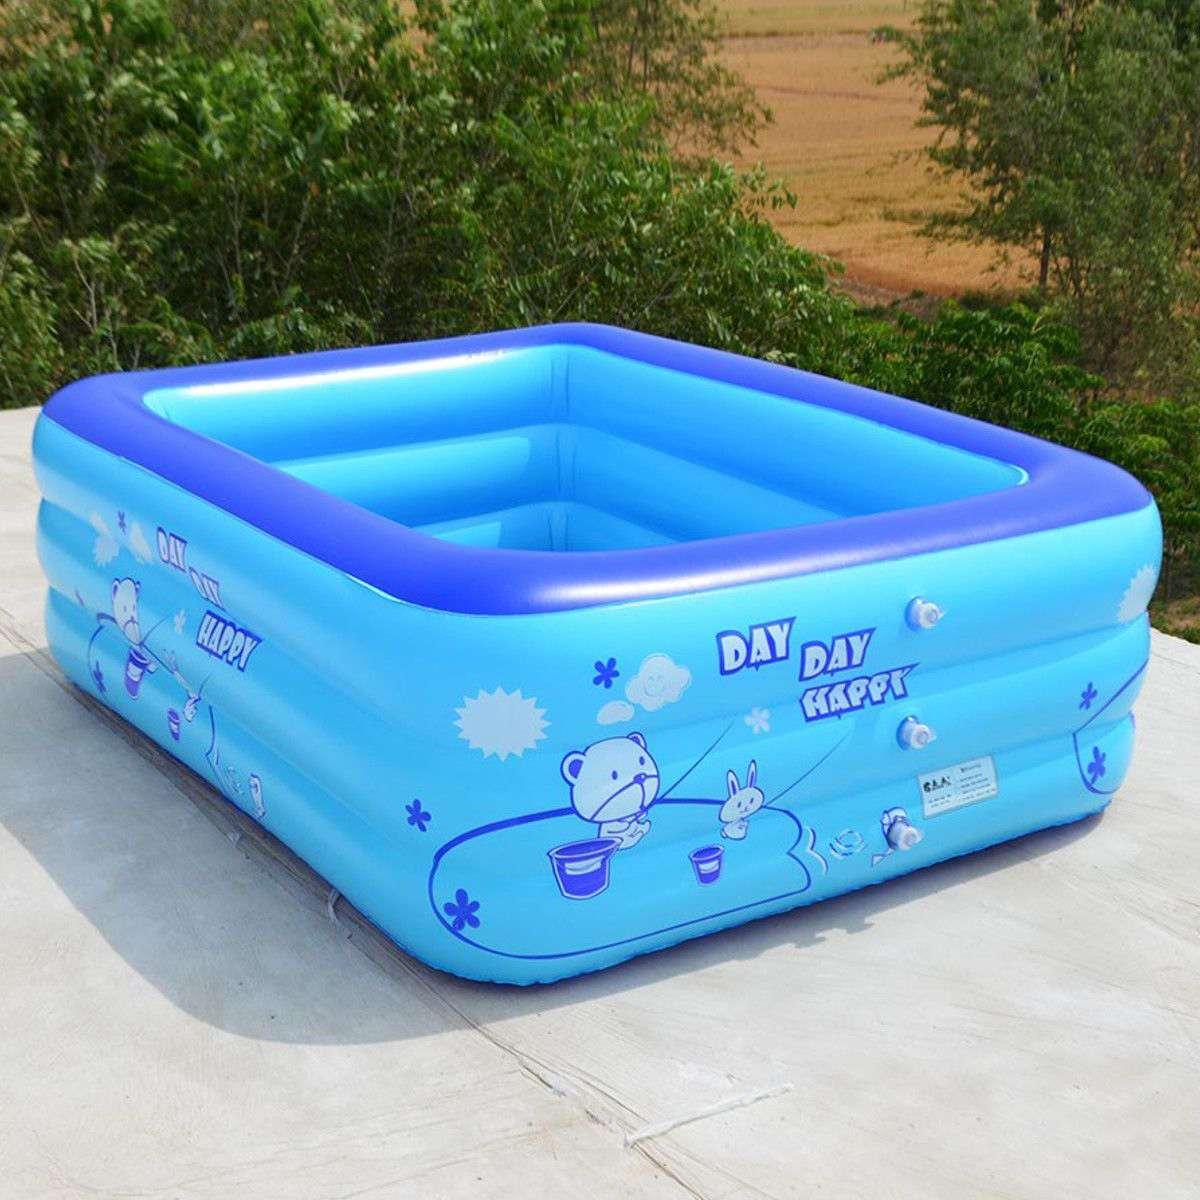 120 سنتيمتر 2/3 طبقات الأطفال حوض سباحة قابل للنفخ حوض الاستحمام طفل طفل المنزل في الهواء الطلق حمام سباحة كبير نفخ مربع حمام سباحة